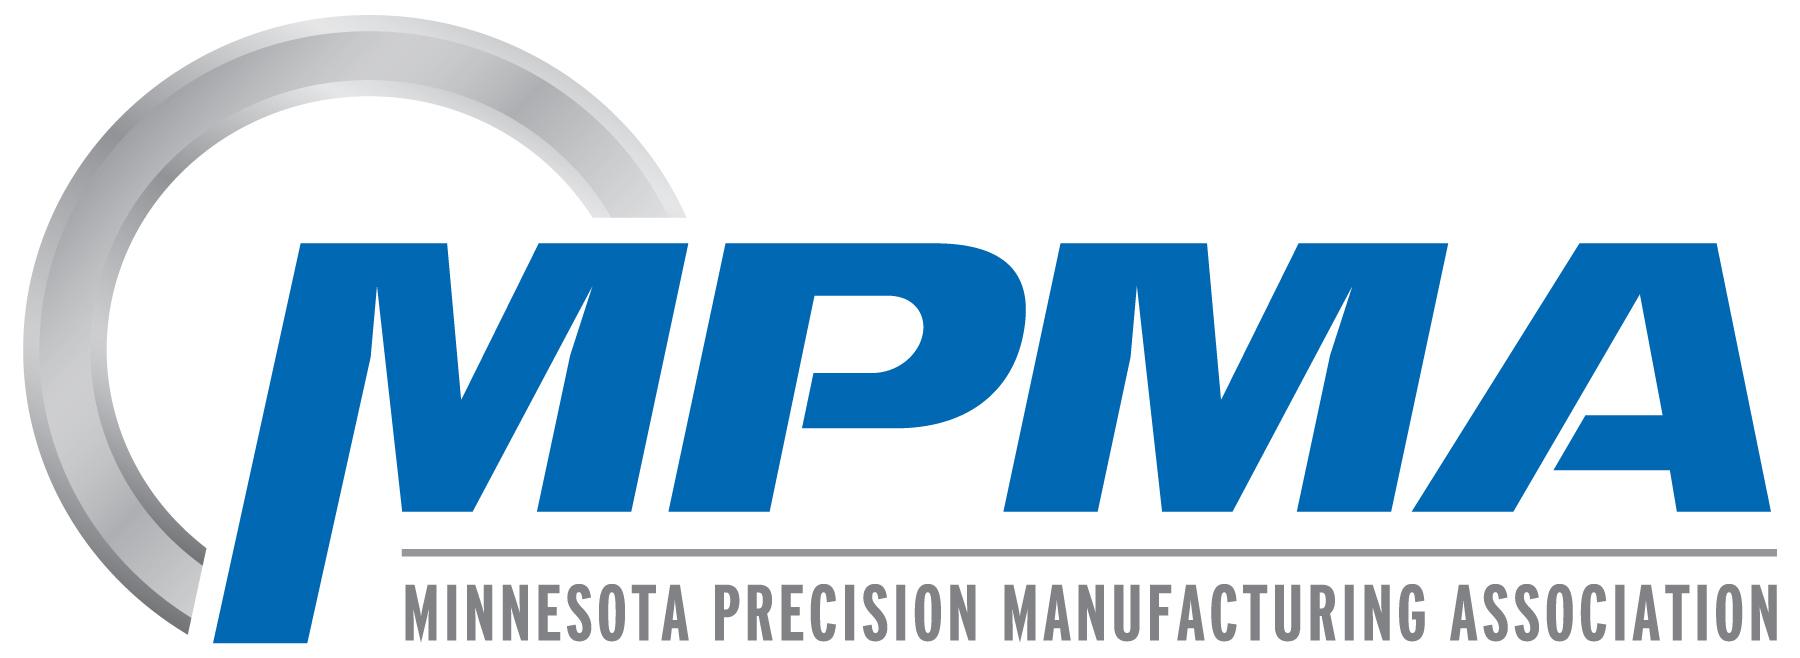 MPMA_Logo_PMS-293 - hi-res